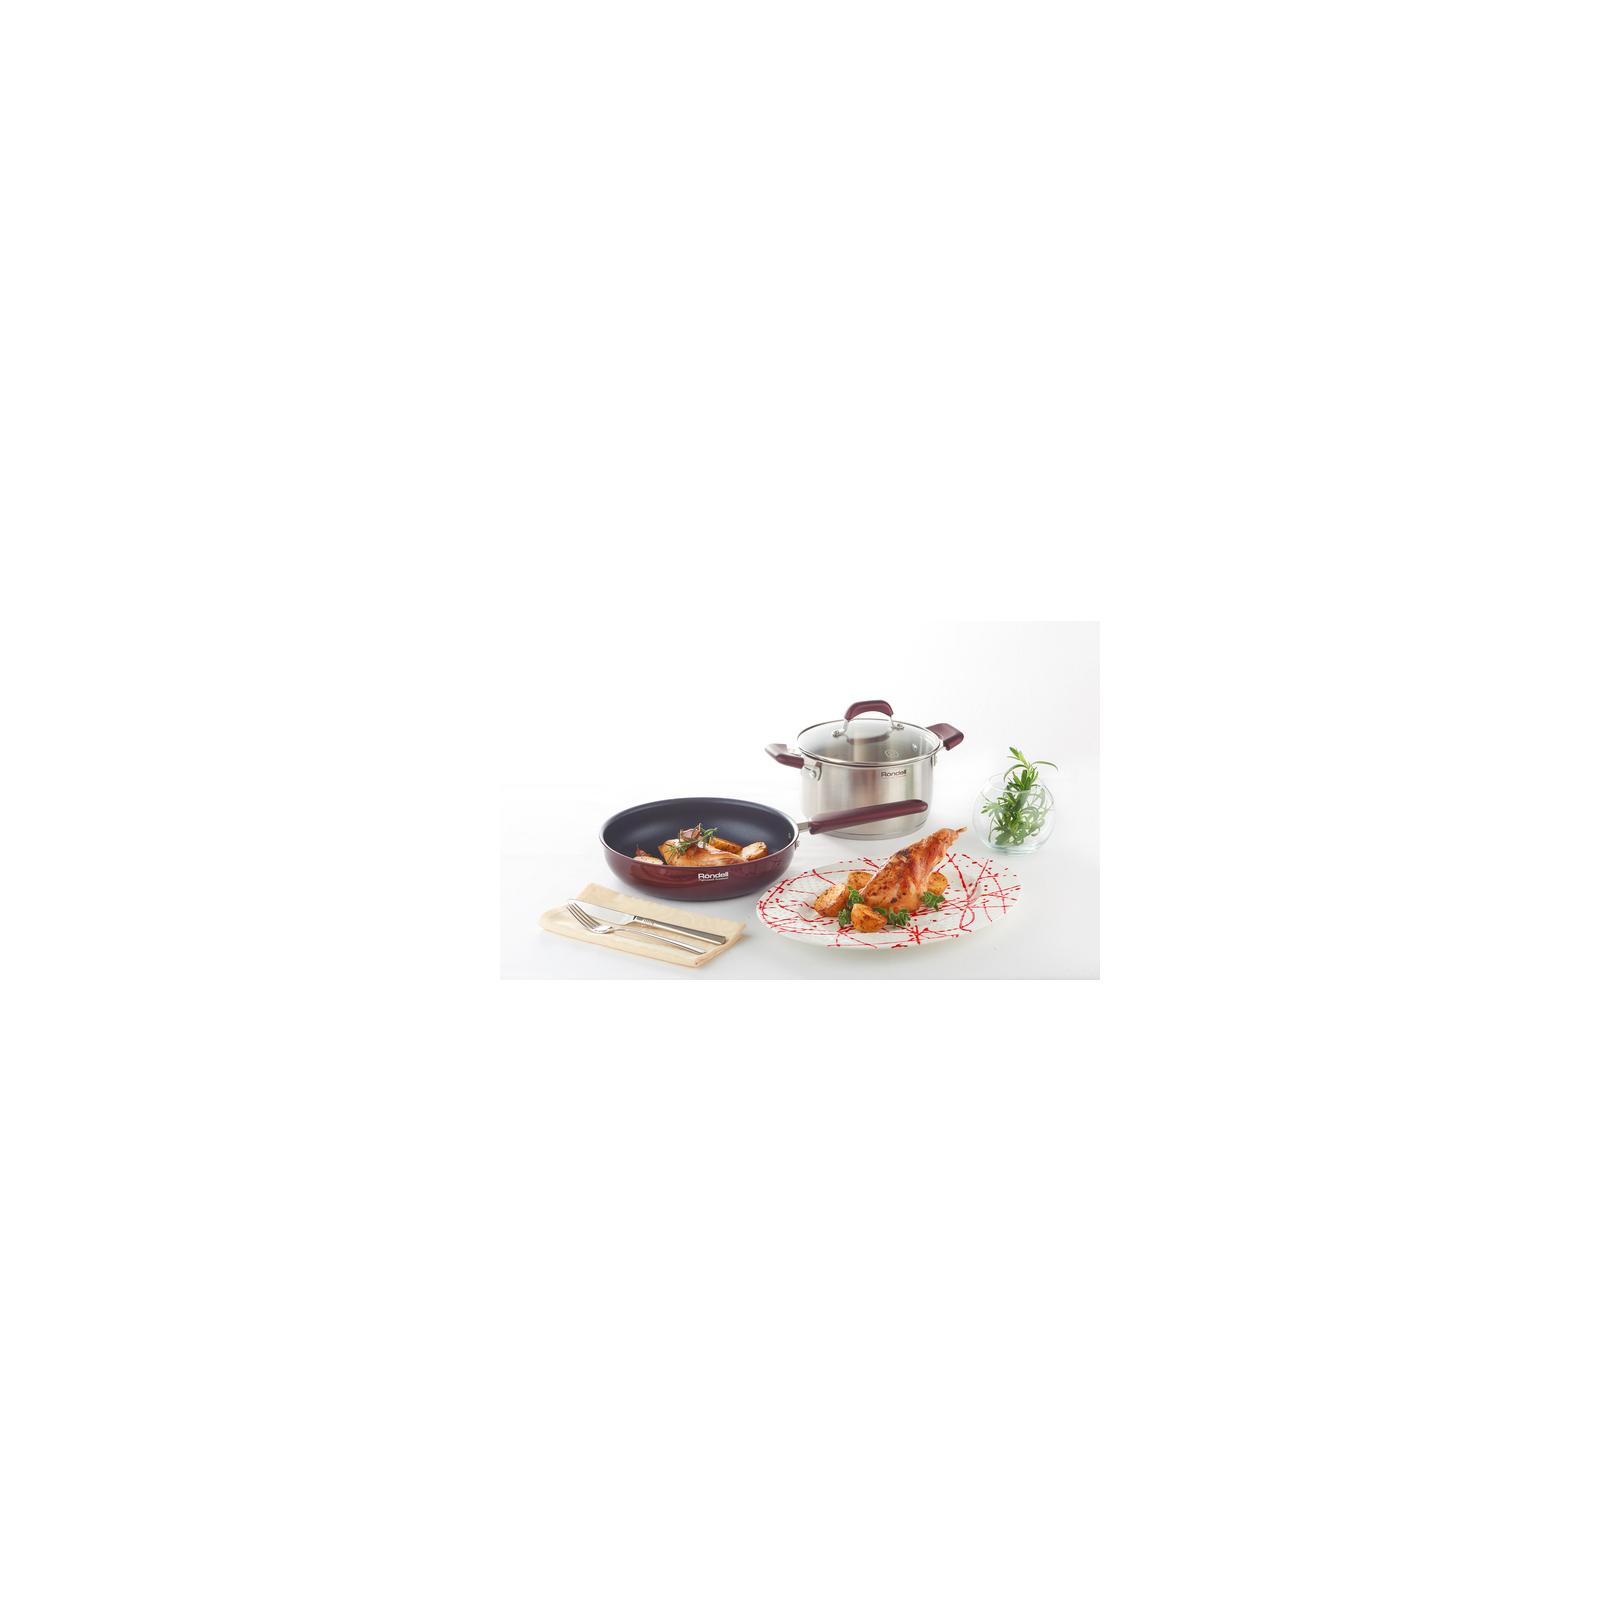 Набор посуды Rondell Bojole 6 предметов (RDS-823) изображение 2